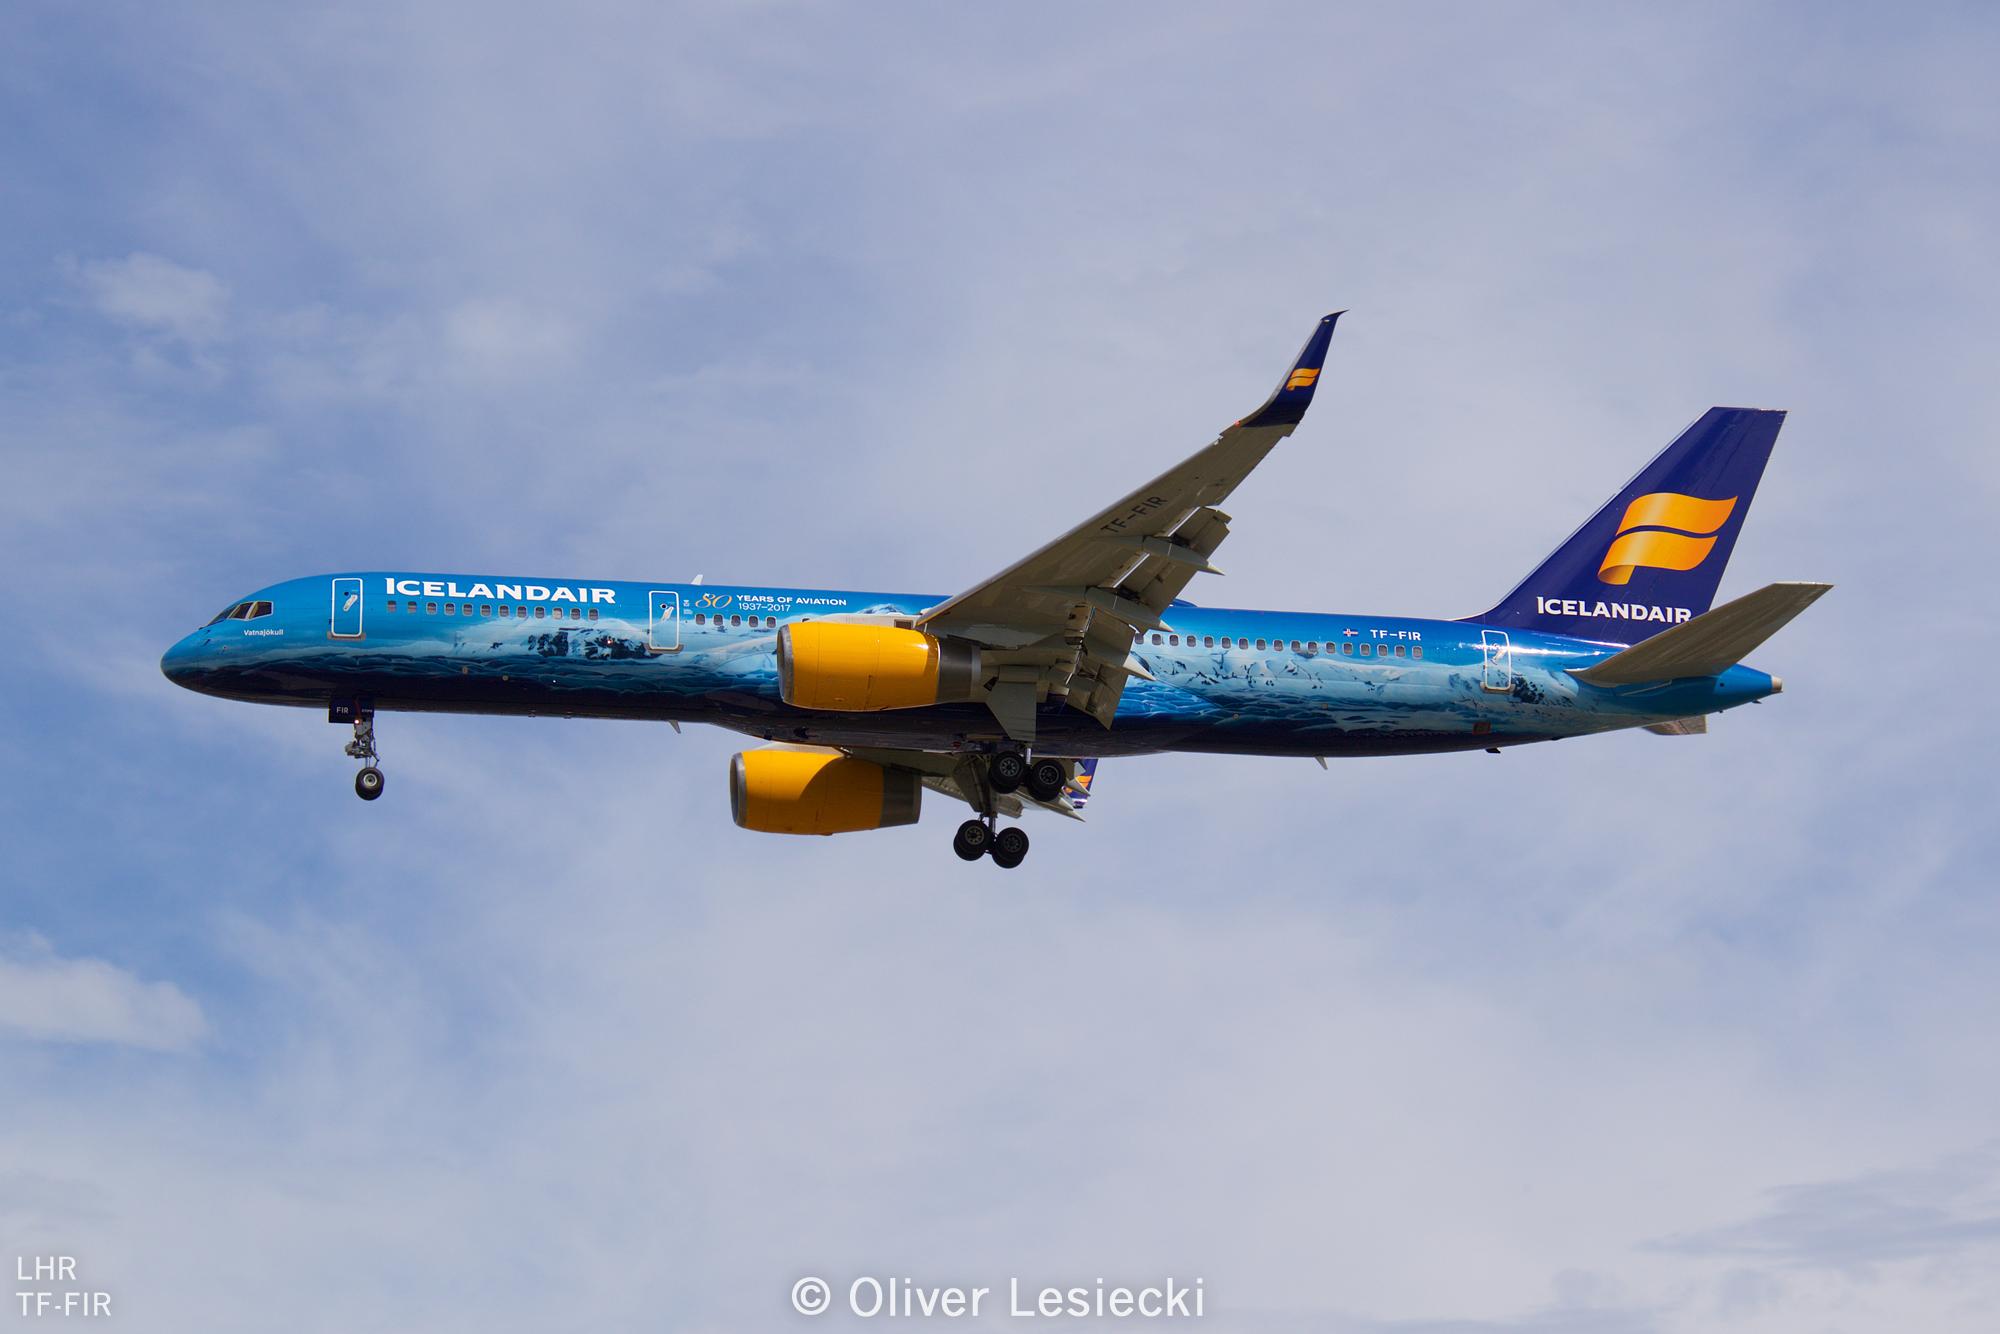 X_Icelandair_B757_TFFIR_02_LHR_230618_IG7